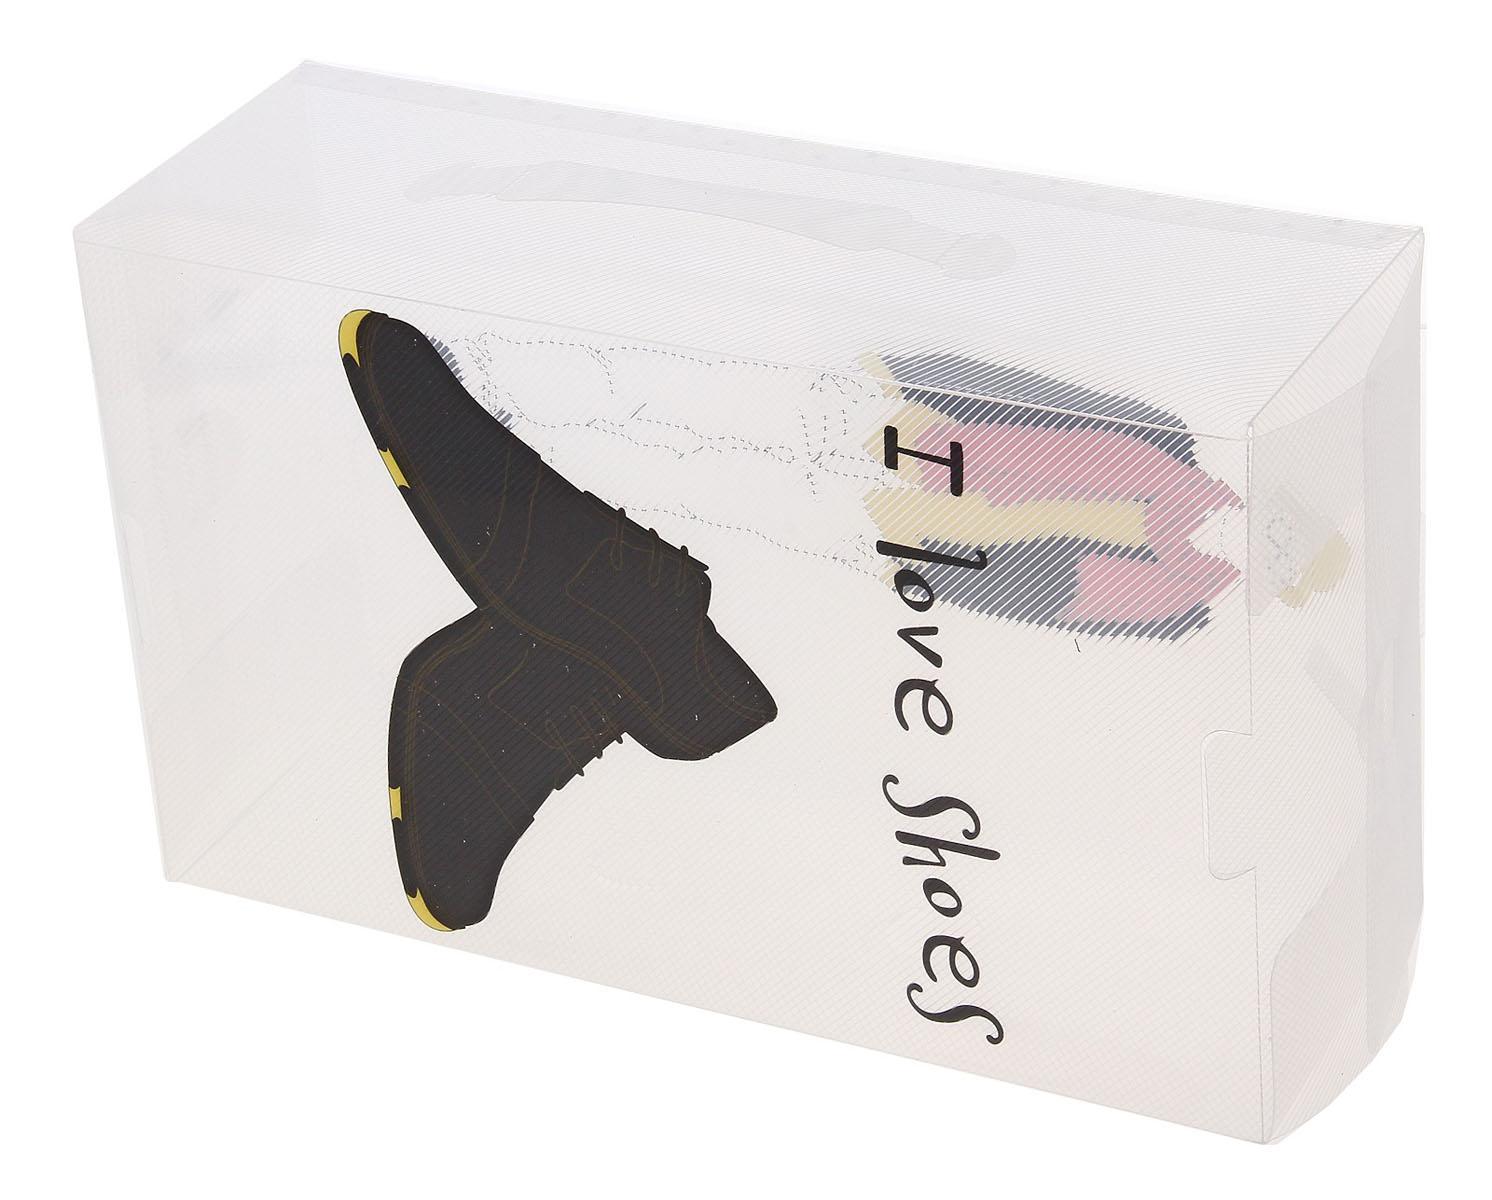 Короб для хранения обуви Sima-land Джентльмен, с ручкой, 33 см х 20 см х 12 см709939Короб для хранения обуви Sima-land Джентльмен изготовлен из высококачественного пластика. Короб украшен двусторонней картинкой. Предназначен короб для хранения обуви. Короб защищает обувь от пыли и царапин. Благодаря полупрозрачной конструкции вы всегда сможете узнать, что находится внутри, а, значит, при необходимости найти нужную пару. Короба можно укладывать несколько рядов, за счет жёсткости конструкции обеспечивающей экономию места и полный порядок в шкафу и гардеробной. Наличие отверстий в коробе, обеспечит вентиляцию обуви. Для удобной транспортировки короб имеет ручку. Короб Sima-land Джентльмен обеспечит безопасное хранение вашей обуви. Размер короба: 33 см х 20 см х 12 см.